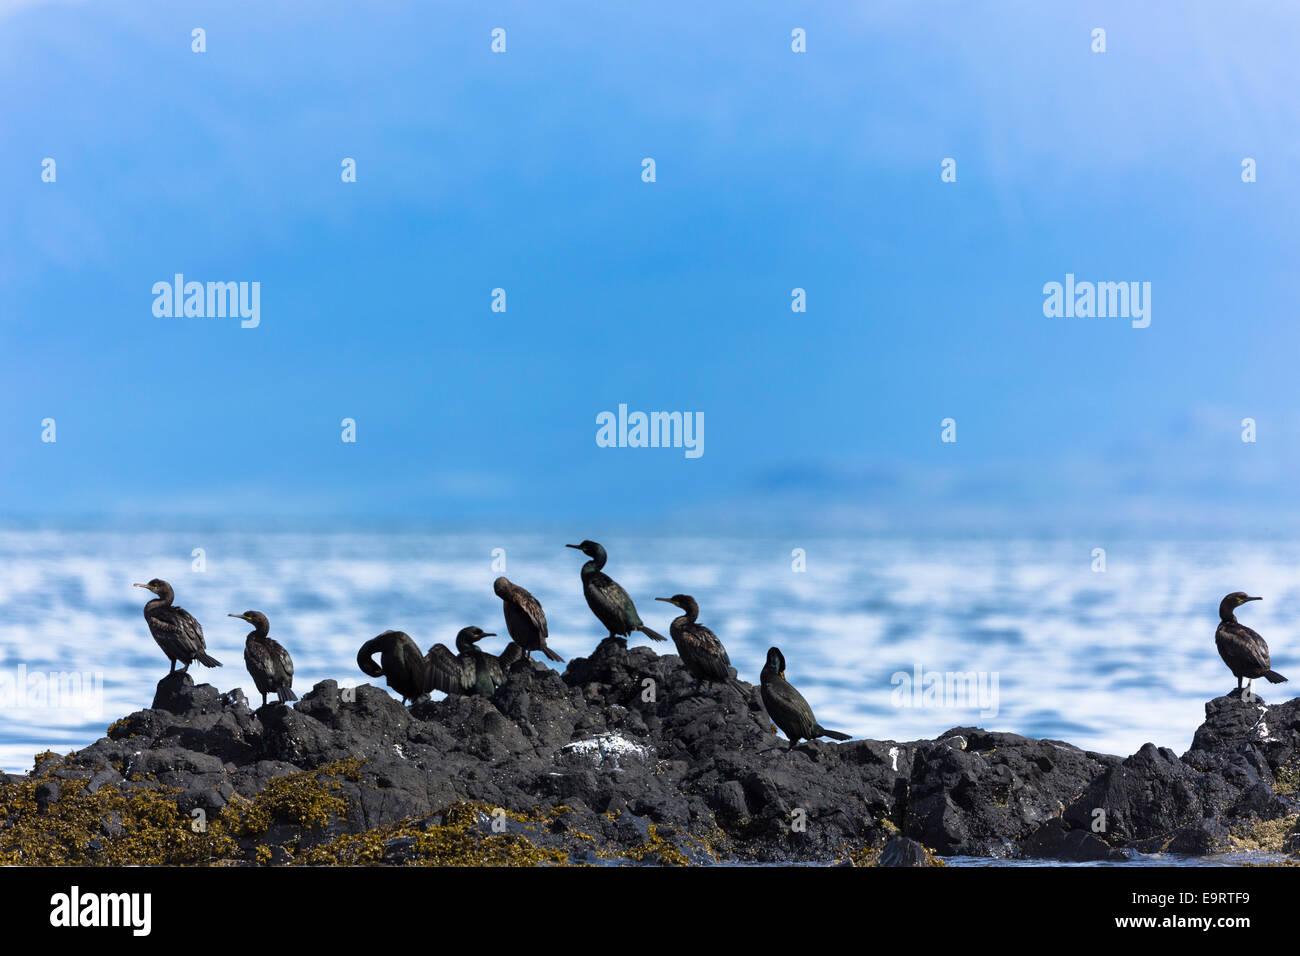 Colonie d'oiseaux côtiers Cormorant, Phalacrocorax carbo, sur des roches sur l'île de Canna partie Photo Stock